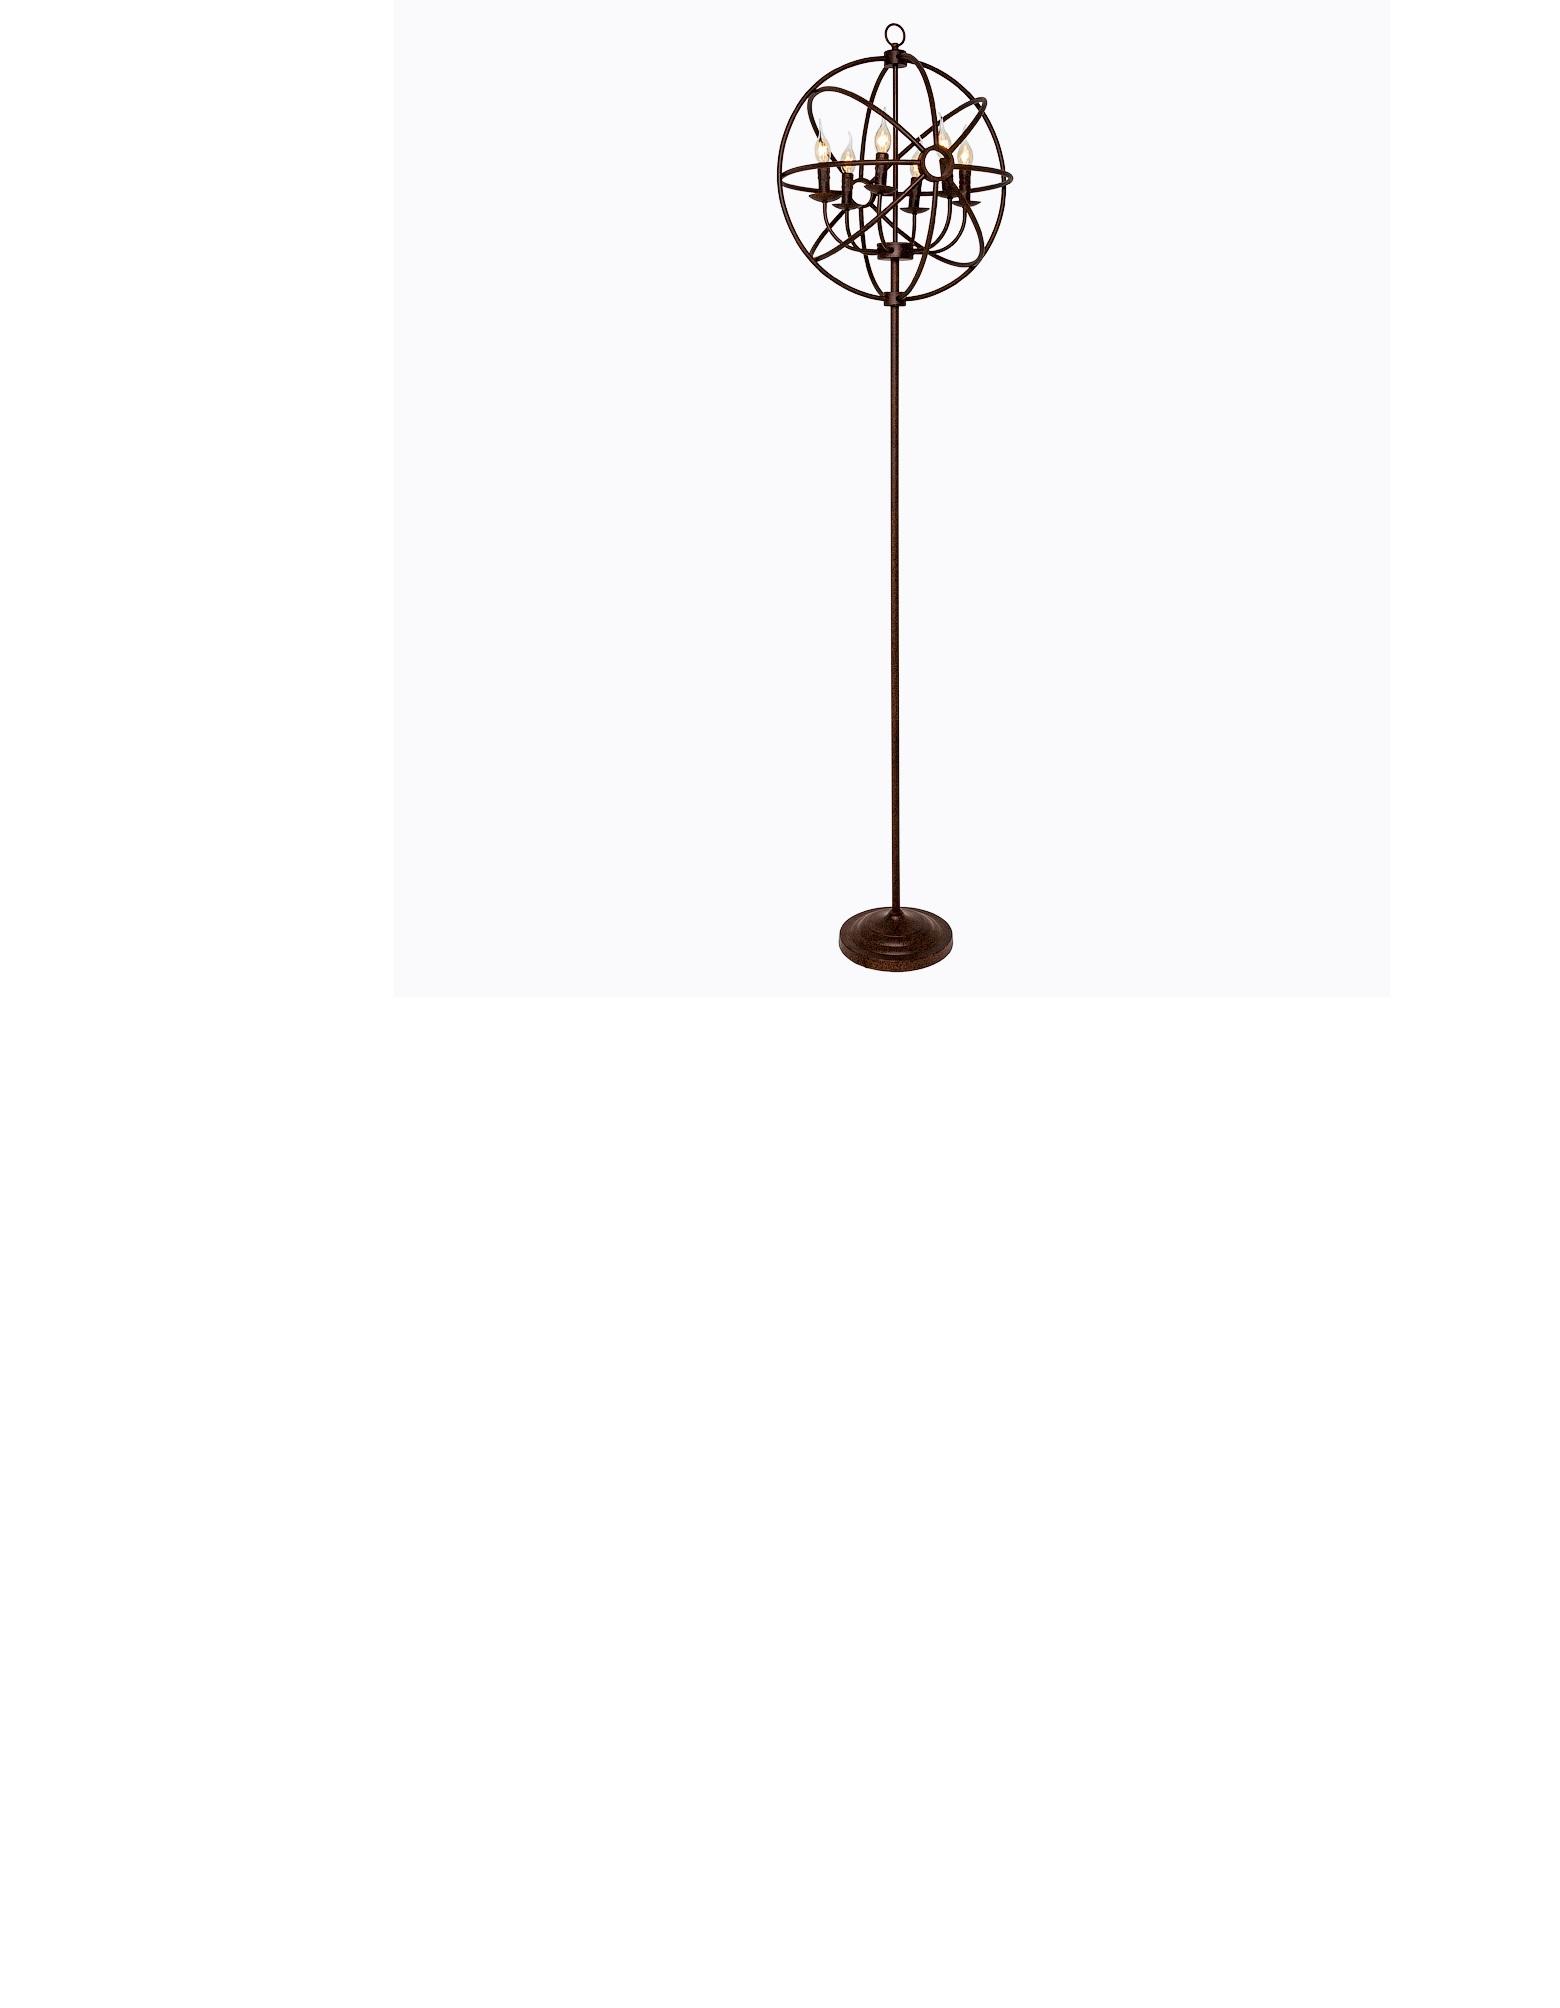 Торшер «Юбер»Торшеры<br>Украшенный&amp;amp;nbsp;абажуром из металлических прутьев, соединенных между собой в форме сферы, торшер «Юбер» возвышается на грациозном металлическом штативе. <br>Внутри металлической сферы — 6 осветительных ламп в форме свечи. Напольная лампа «Юбер» придаст современному декору авторский почерк и подойдет как для гостиной, так и для офиса.&amp;amp;nbsp;&amp;lt;div&amp;gt;Штатив торшера состоит из трех частей. Используя две или три части штатива, владелец может самостоятельно выбрать оптимальную высоту торшера.&amp;amp;nbsp;&amp;lt;/div&amp;gt;&amp;lt;div&amp;gt;Размер: ? 51 см, высота 200 см (может регулироваться по желанию владельца).&amp;lt;/div&amp;gt;&amp;lt;div&amp;gt;Размер в упаковке: 60?60?59 см.&amp;amp;nbsp;&amp;lt;/div&amp;gt;&amp;lt;div&amp;gt;Вес: 9,02 кг; вес в упаковке: 11,24 кг.&amp;lt;/div&amp;gt;&amp;lt;div&amp;gt;Поставляется без ламп. Требуется 6 ламп E14&amp;lt;/div&amp;gt;&amp;lt;div&amp;gt;Цвет: темно-коричневый, с эффектом старения&amp;lt;/div&amp;gt;<br><br>Material: Металл<br>Height см: 200<br>Diameter см: 51